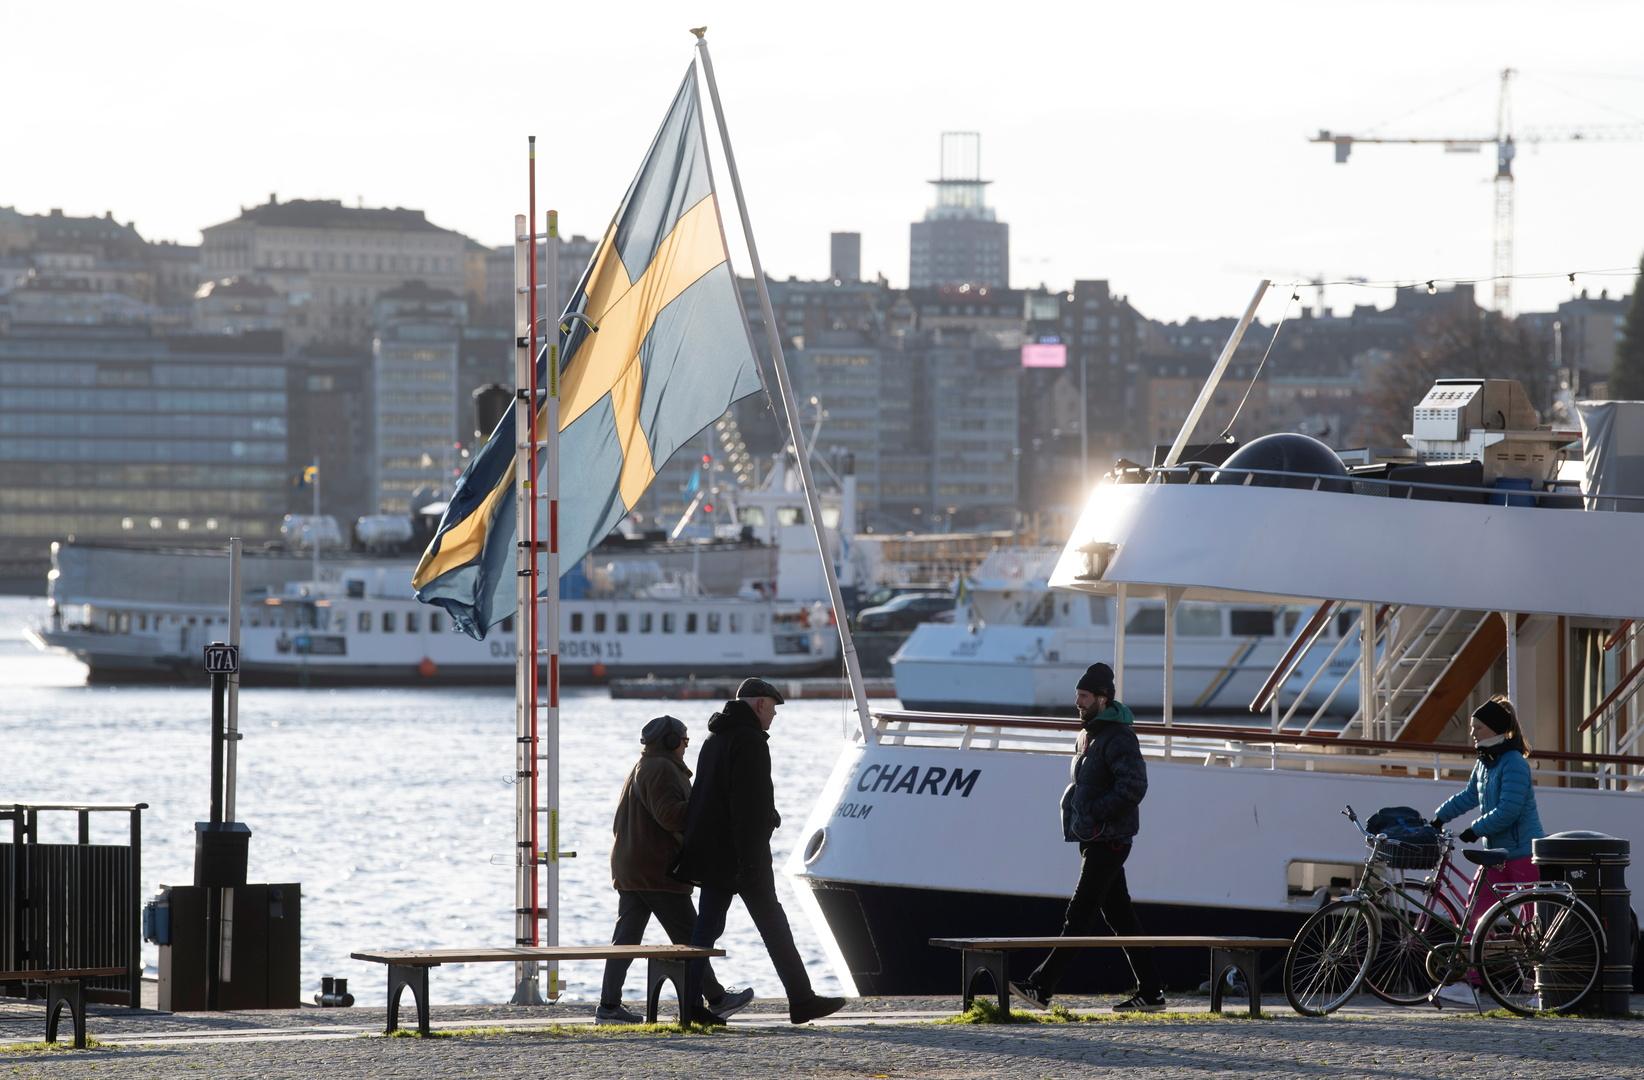 السويد تسجل 32485 إصابة و205 وفيات جديدة بكورونا منذ 23 ديسمبر